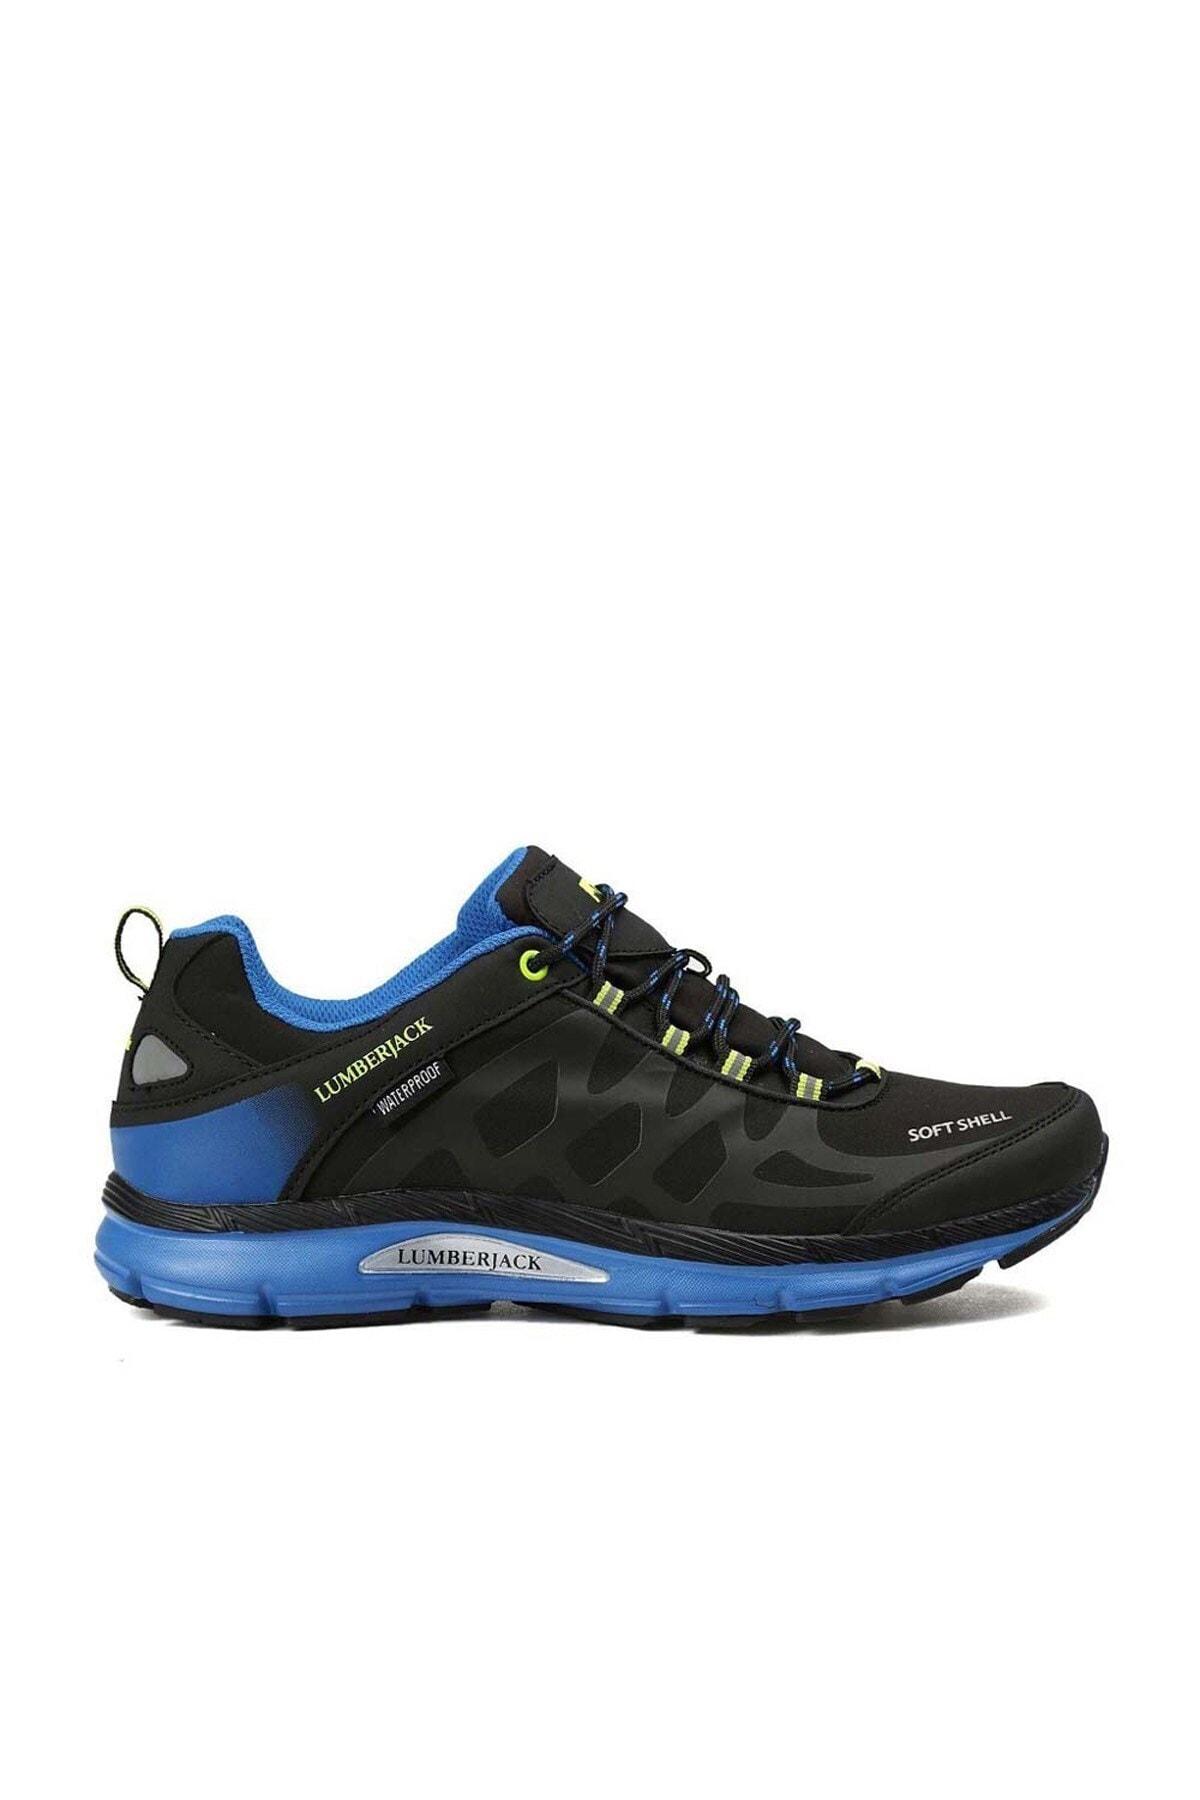 lumberjack 7w Ursa G Kadın Waterproof Ayakkabı 100273485mavı 1